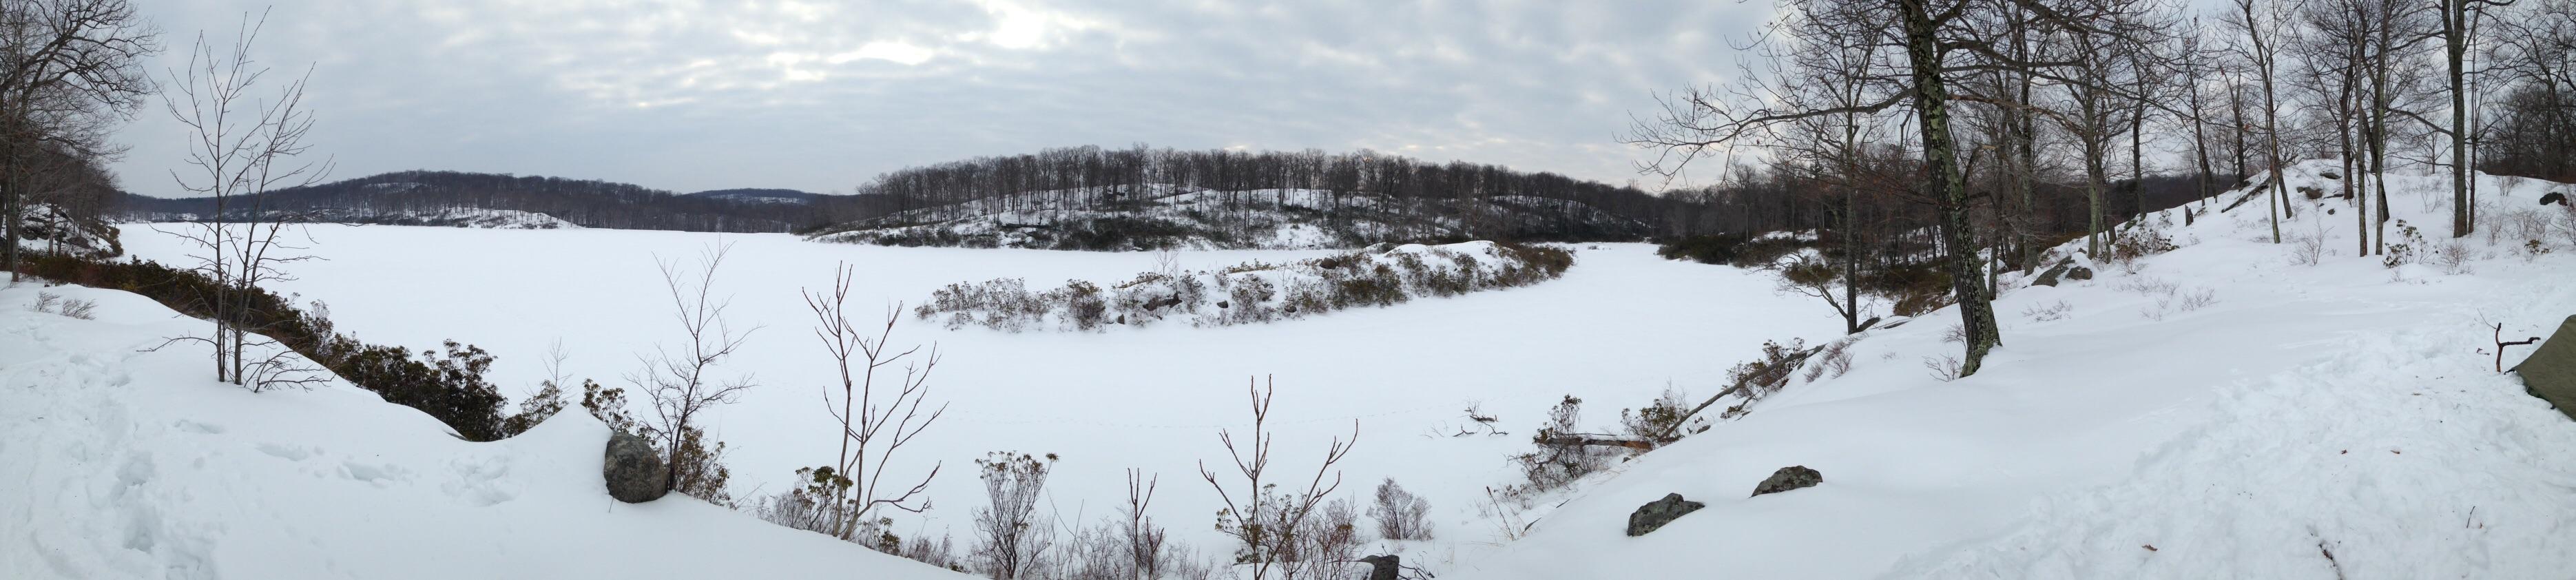 Frozen Lake Skenonto